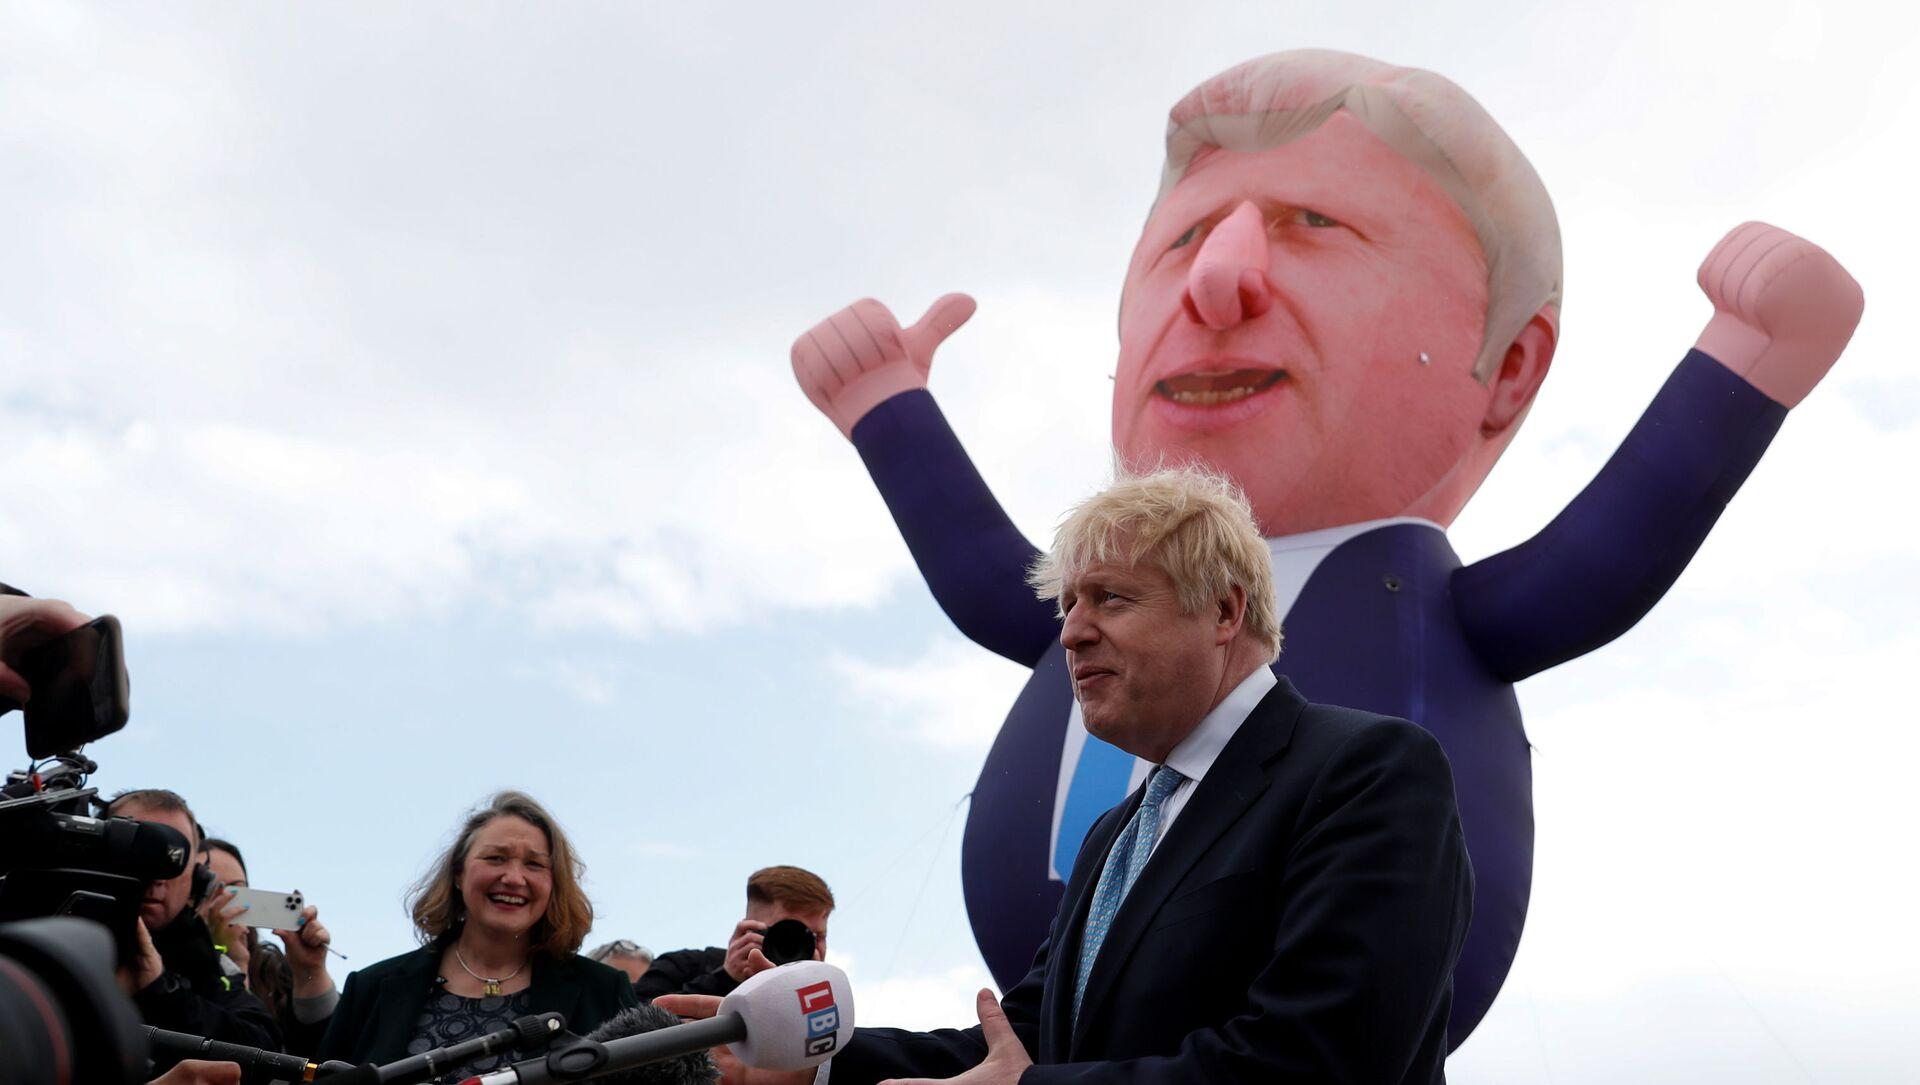 Britanya'nın İngiltere bölgesinde İşçi Partisi'nin kalesi Hartlepool'da ilk kez Muhafazakar Parti milletvekili çıkarmanın şerefine şişme bebeği önünde gazetecilere konuşan Başbakan Boris Johnson  - Sputnik Türkiye, 1920, 07.05.2021